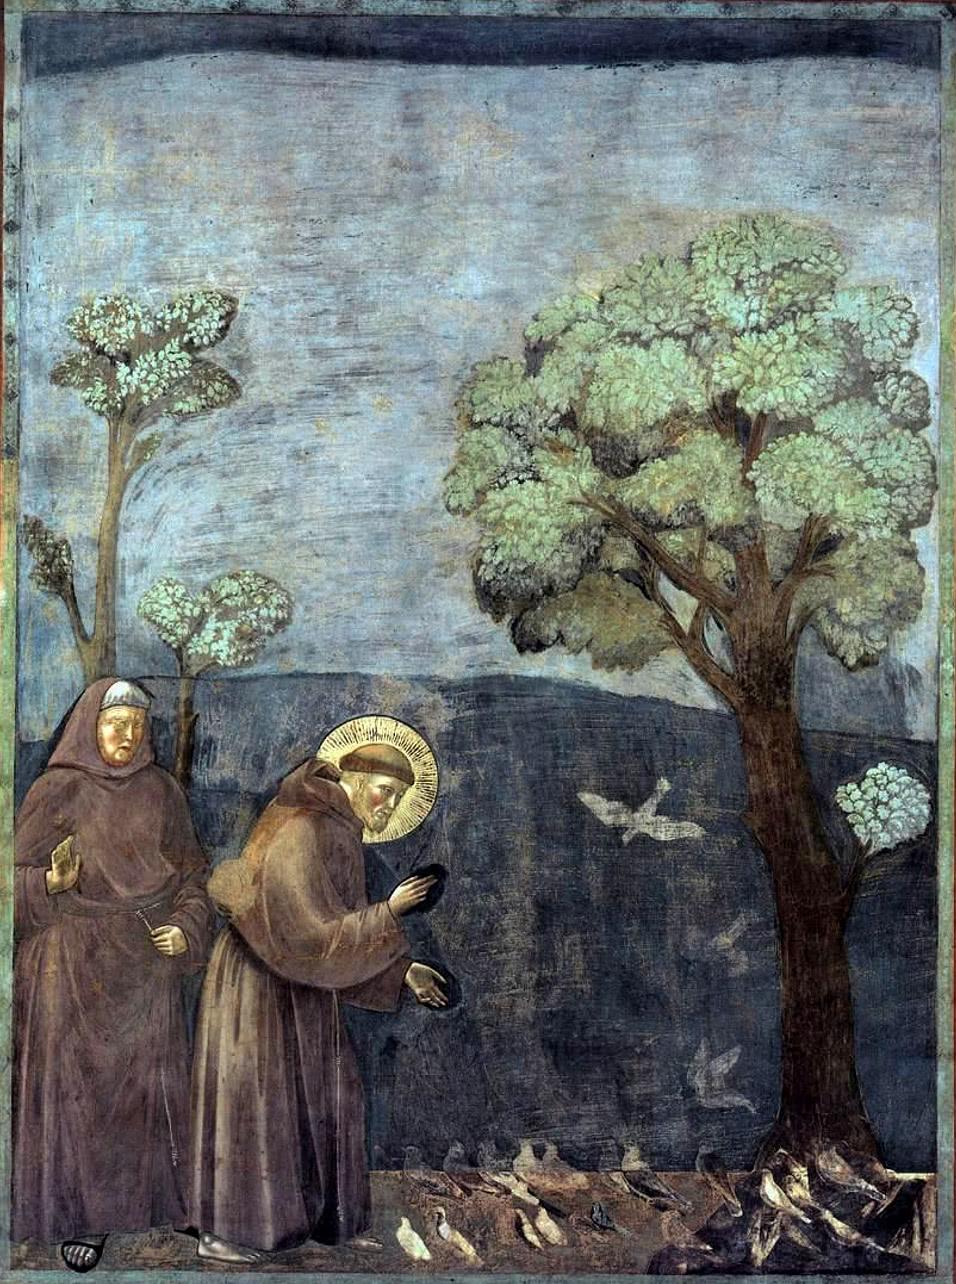 Francisco de Assis pregando aos pássaros. Fresco de Giotto na Basílica dedicada ao santo, em Assis